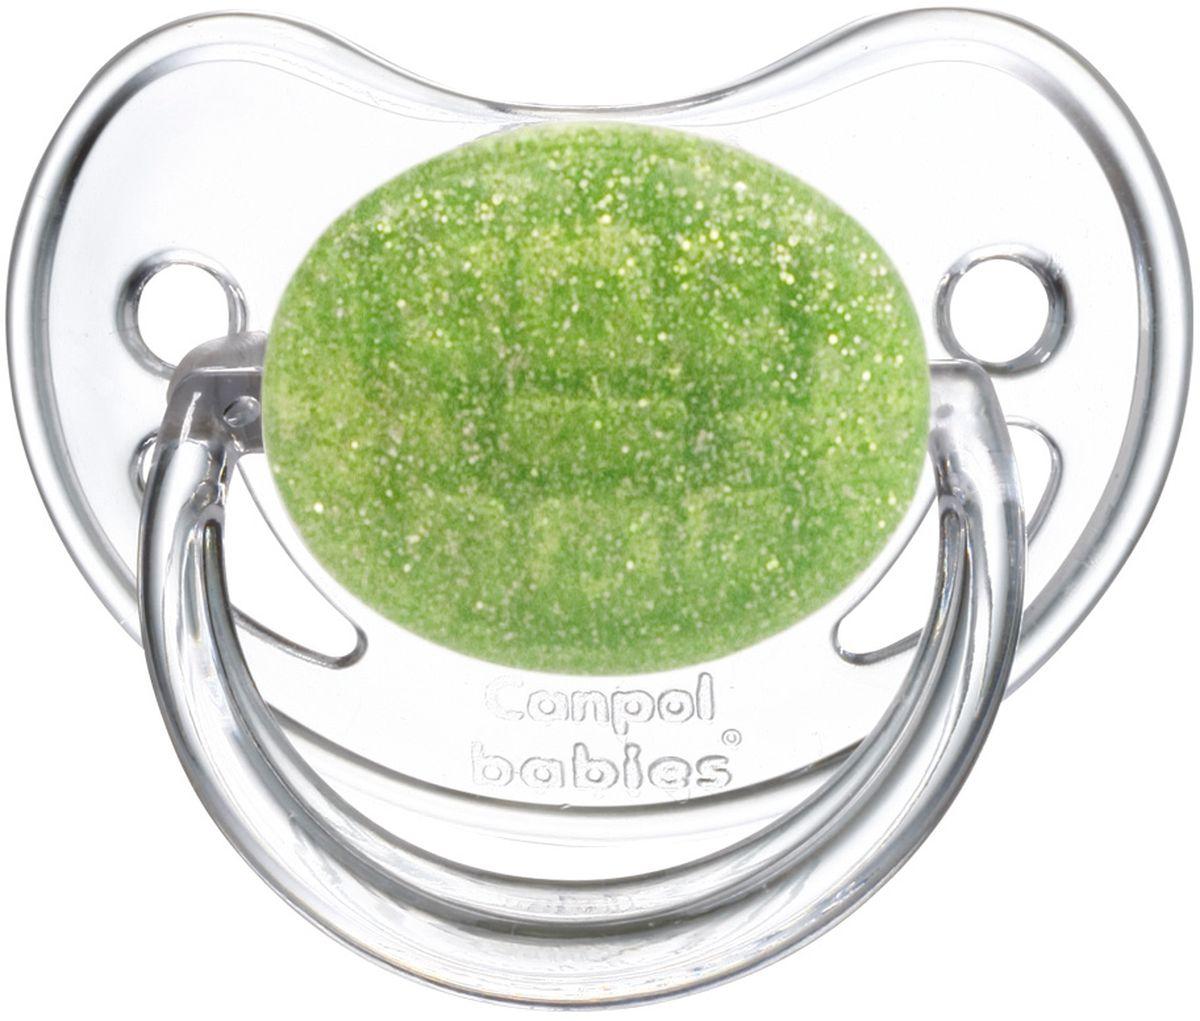 Canpol Babies Пустышка латексная от 6 до 18 месяцев Moonlight цвет зеленый